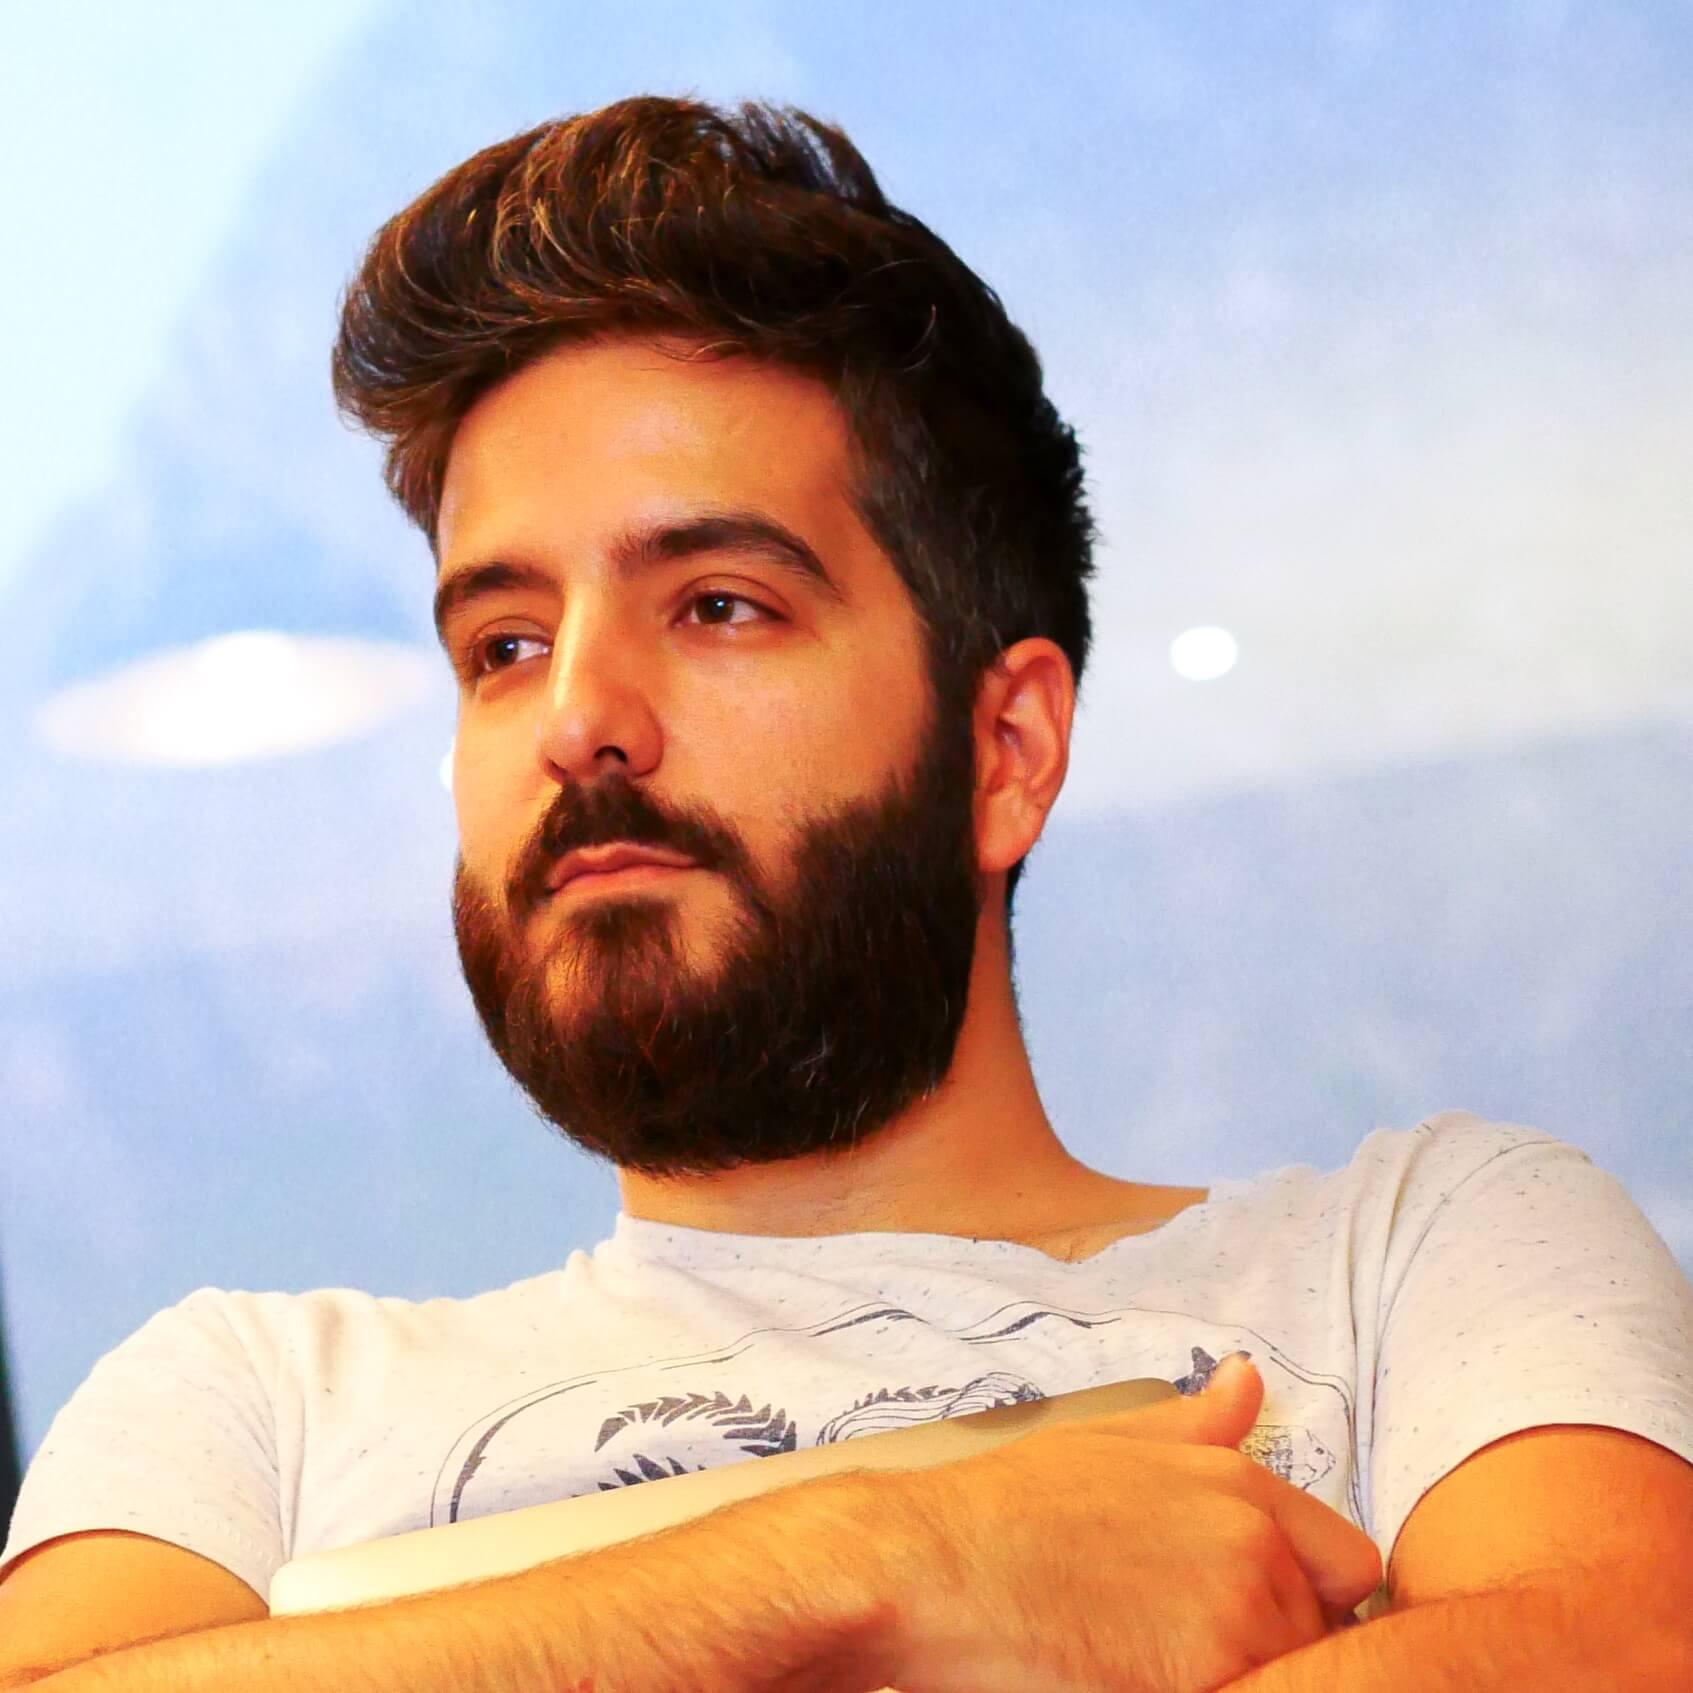 Alexandre Gaudencio